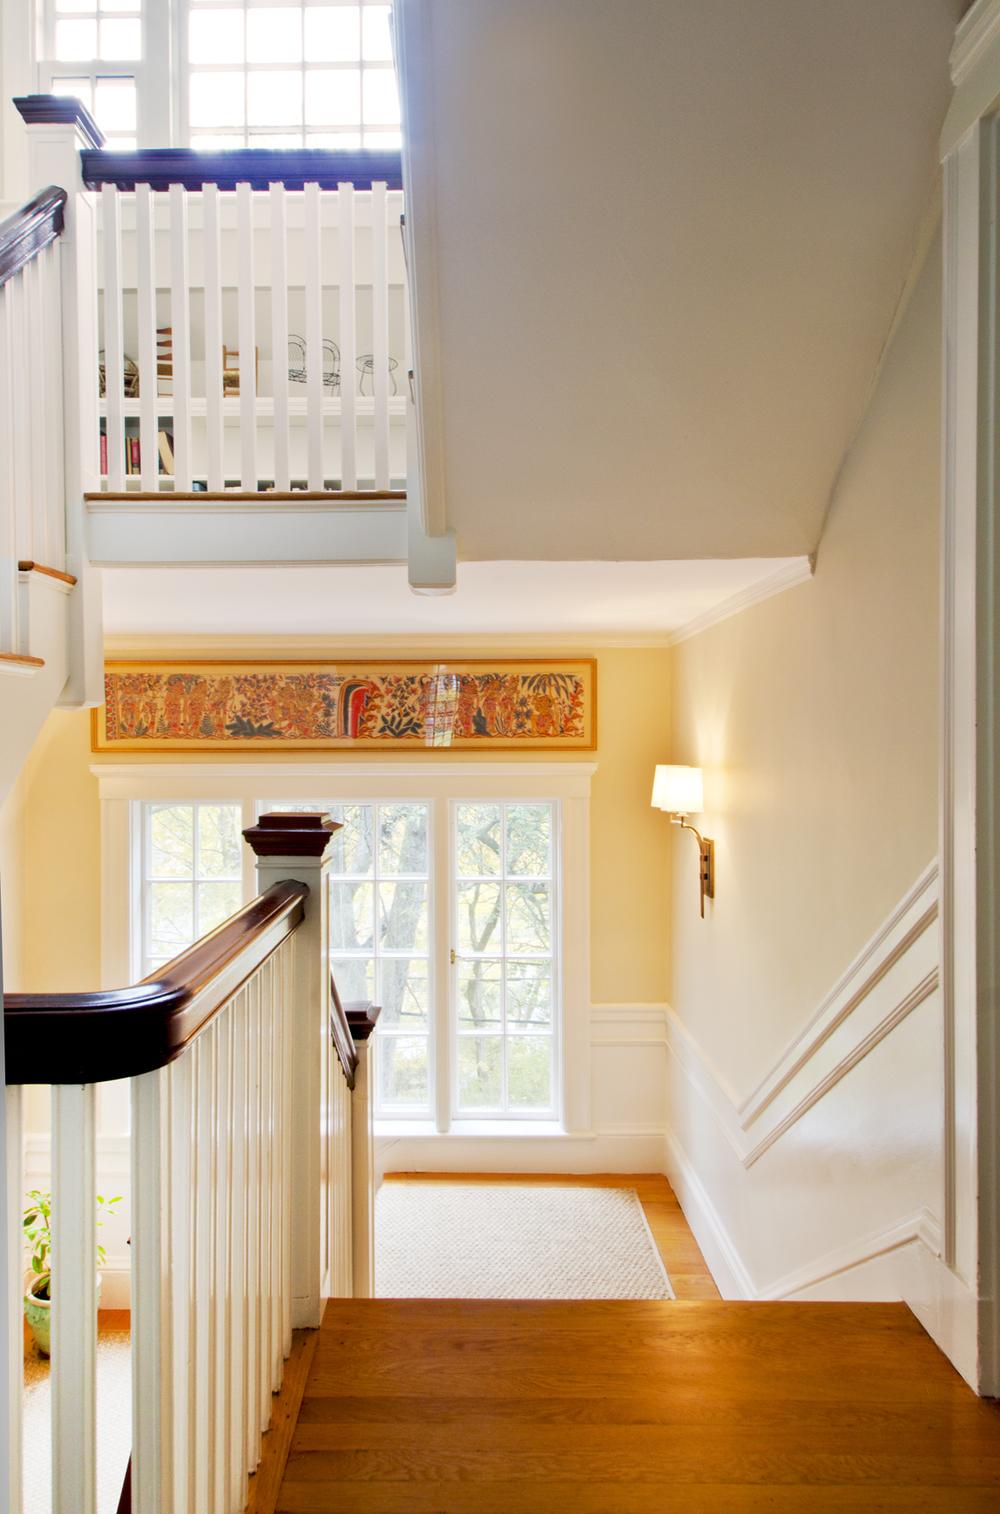 StaircaseRunner-GrayscaleDesign.JPG